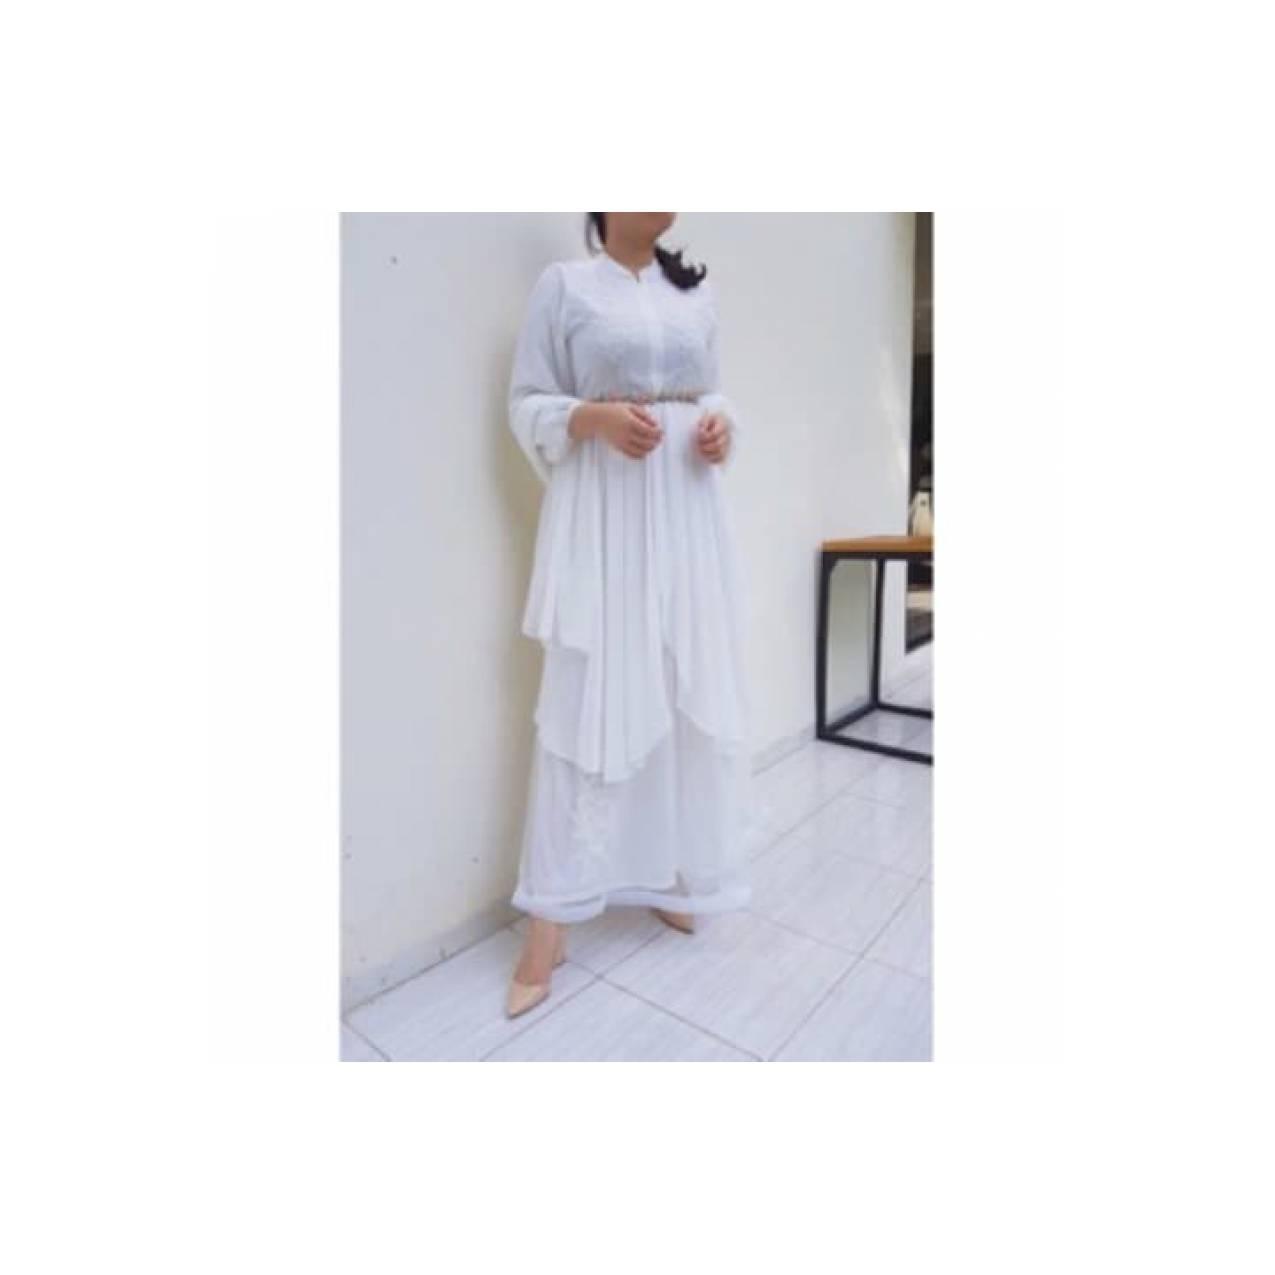 citra shop fashion Gamis muslim putih mewah cantik / gamis rubiah / ga